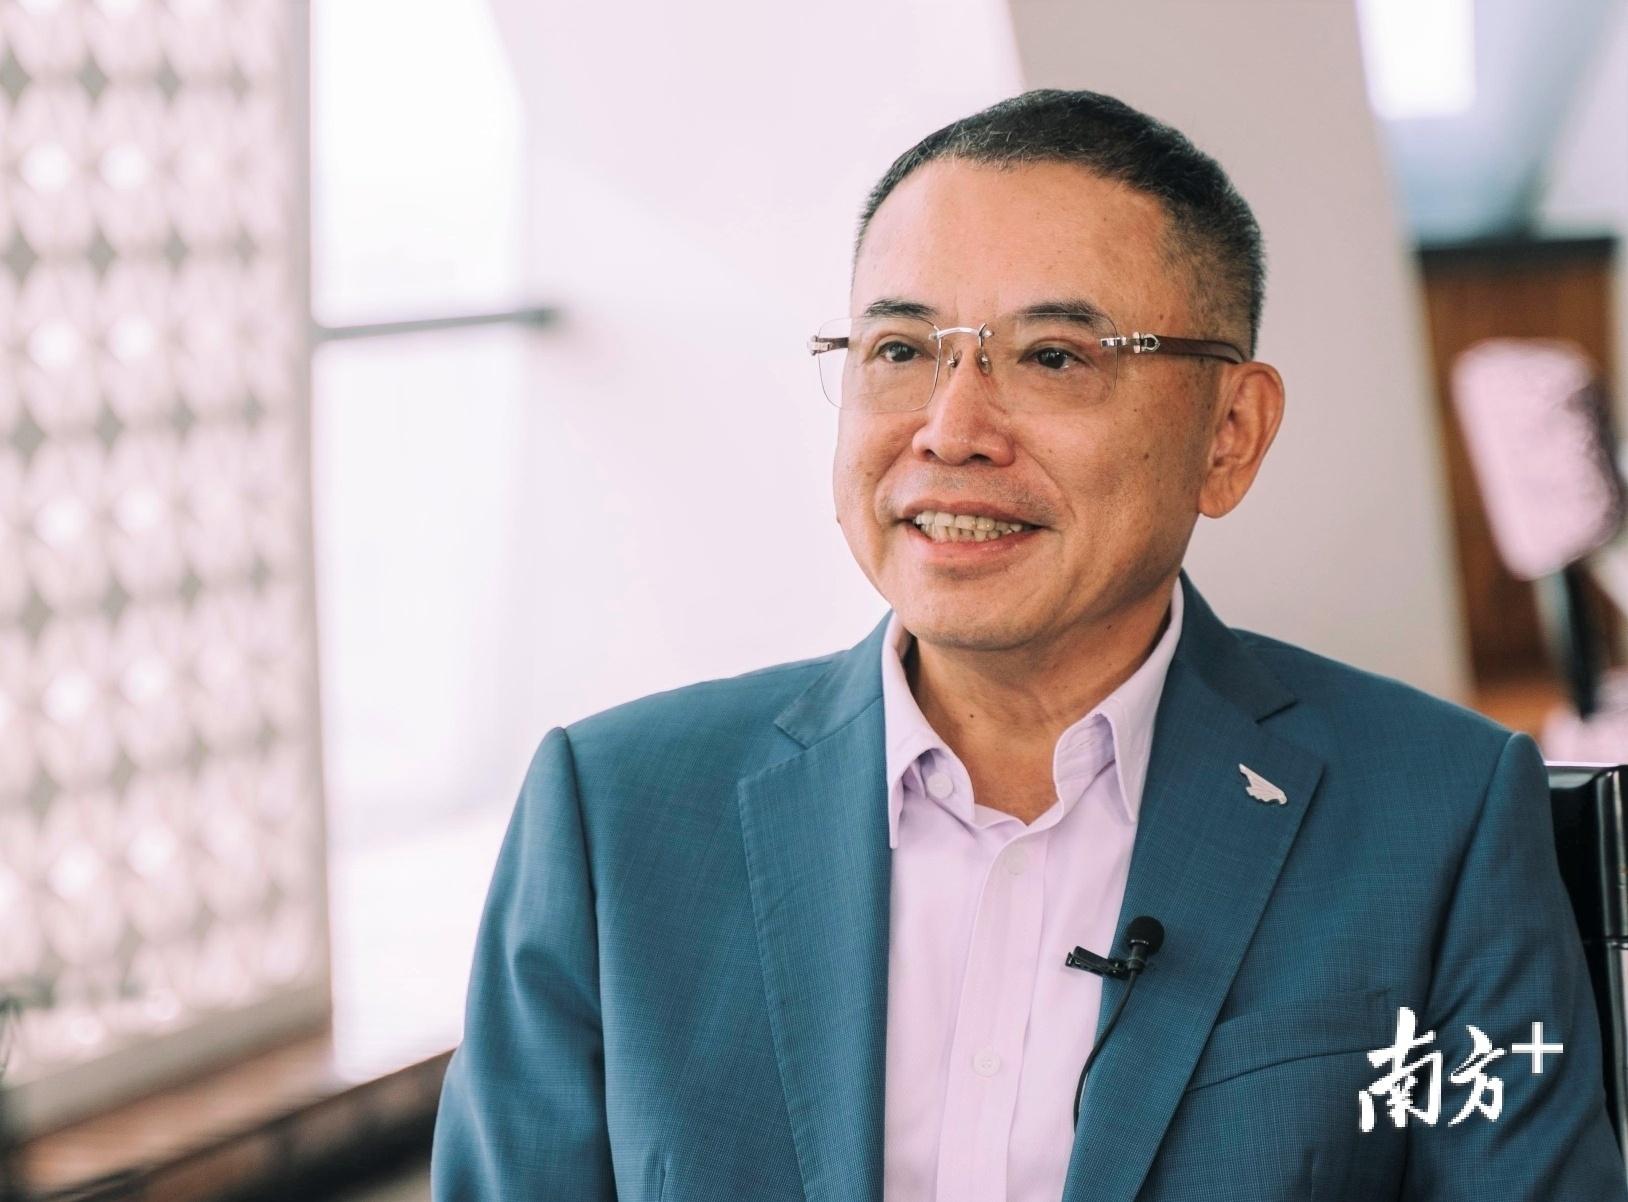 李东生接受南方日报、南方+等媒体联合采访。